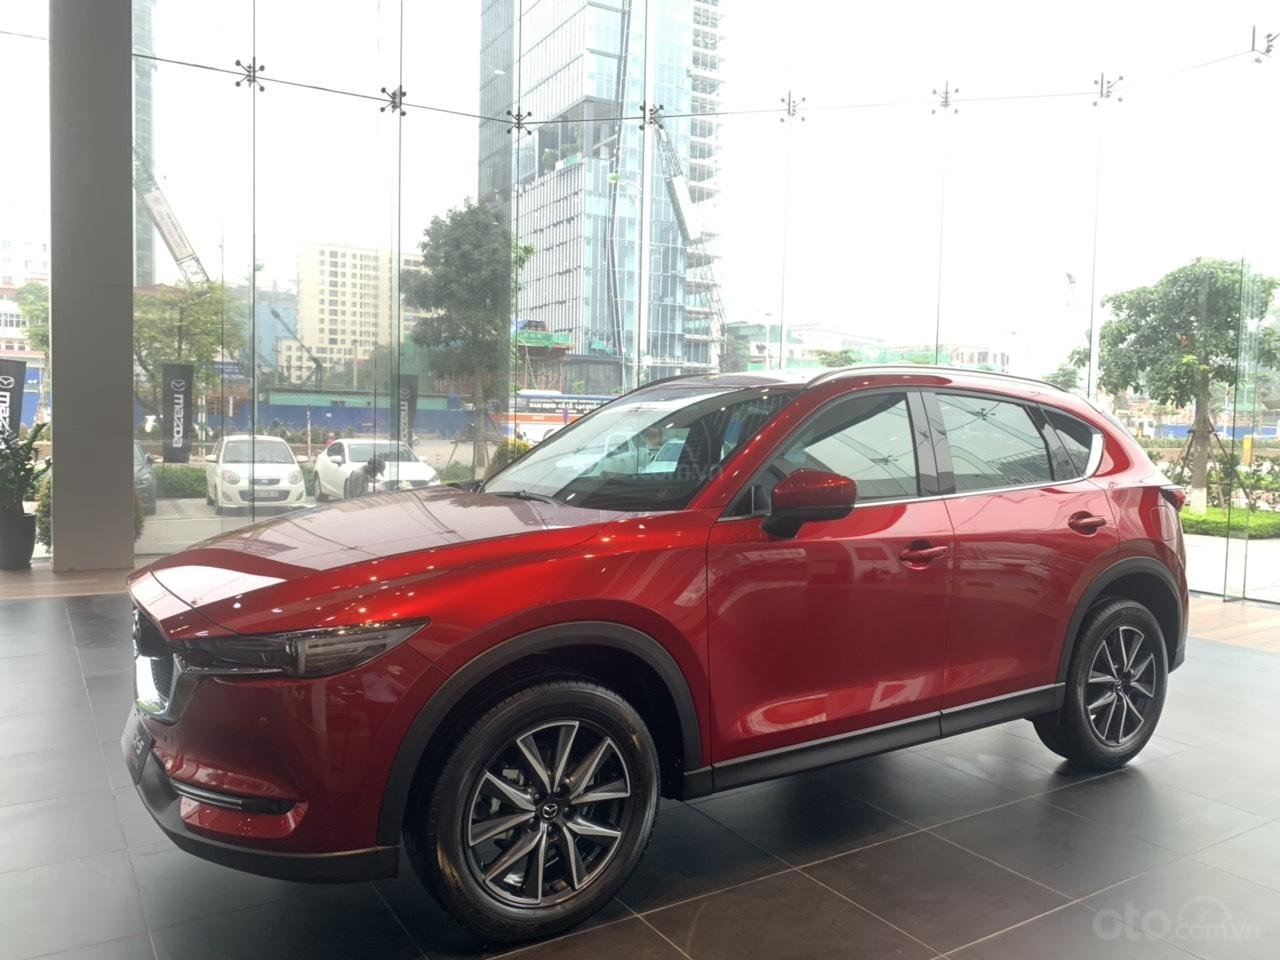 Mazda CX5 2.0 2019 ưu đãi T10 100tr, TG 90%, hỗ trợ giao xe, ĐKĐK, giải quyết nợ xấu, LH 0981 485 819 (7)